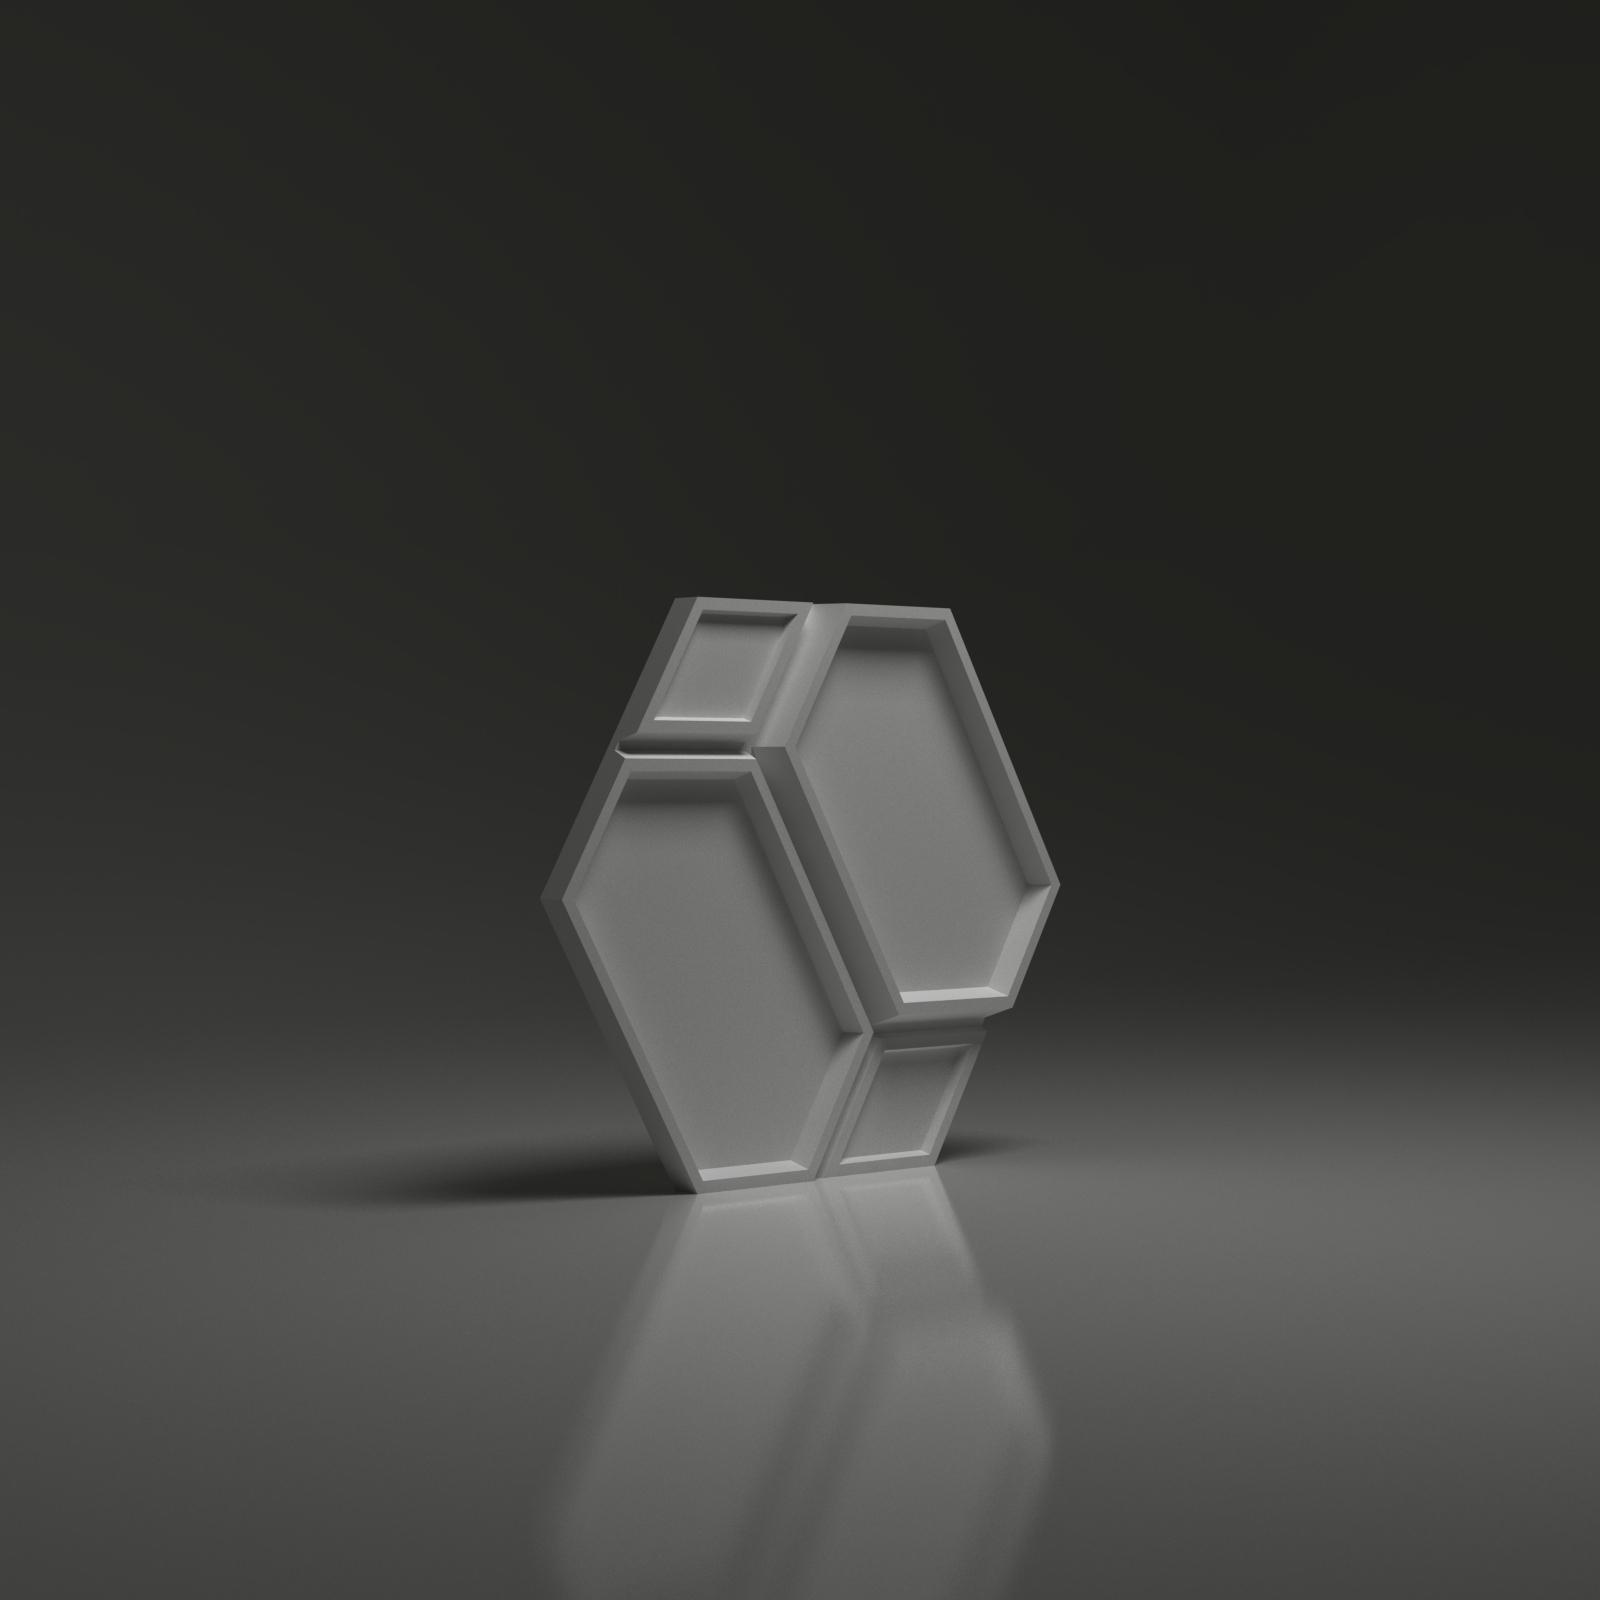 hexagon-double-wizu